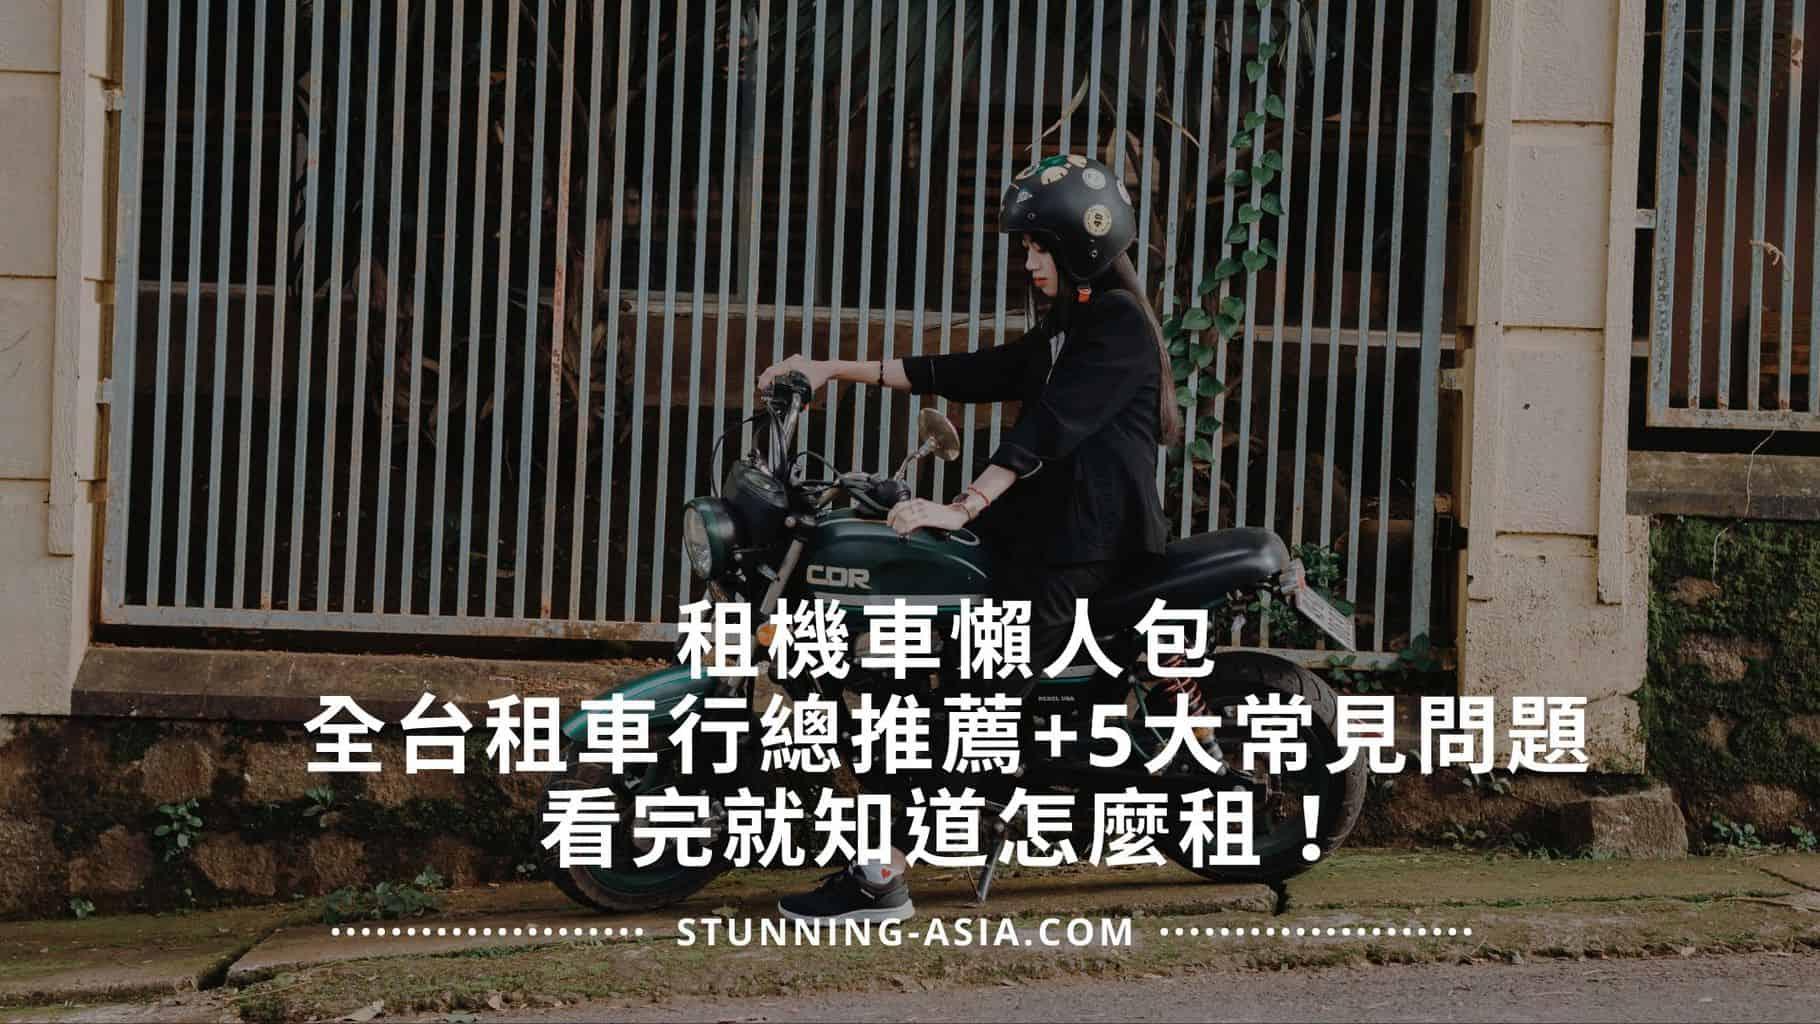 全台灣 租機車 推薦 台北 高雄 台南 台中